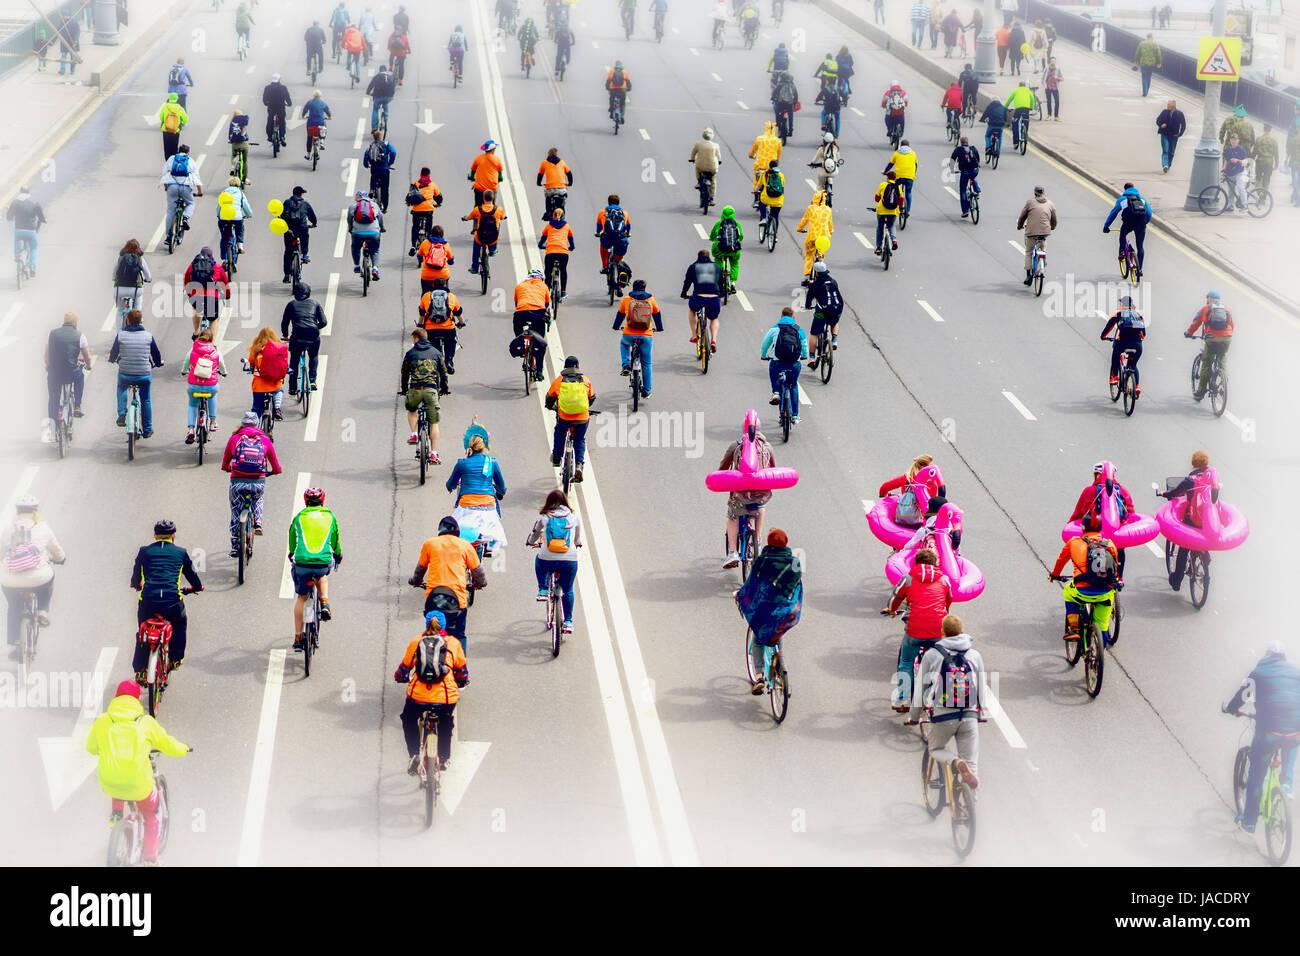 Parade der Radfahrer in der Stadt. Jugend und Familien mit Kindern teilnehmen an Masse Radrennen. Selektiven Fokus. Stockbild